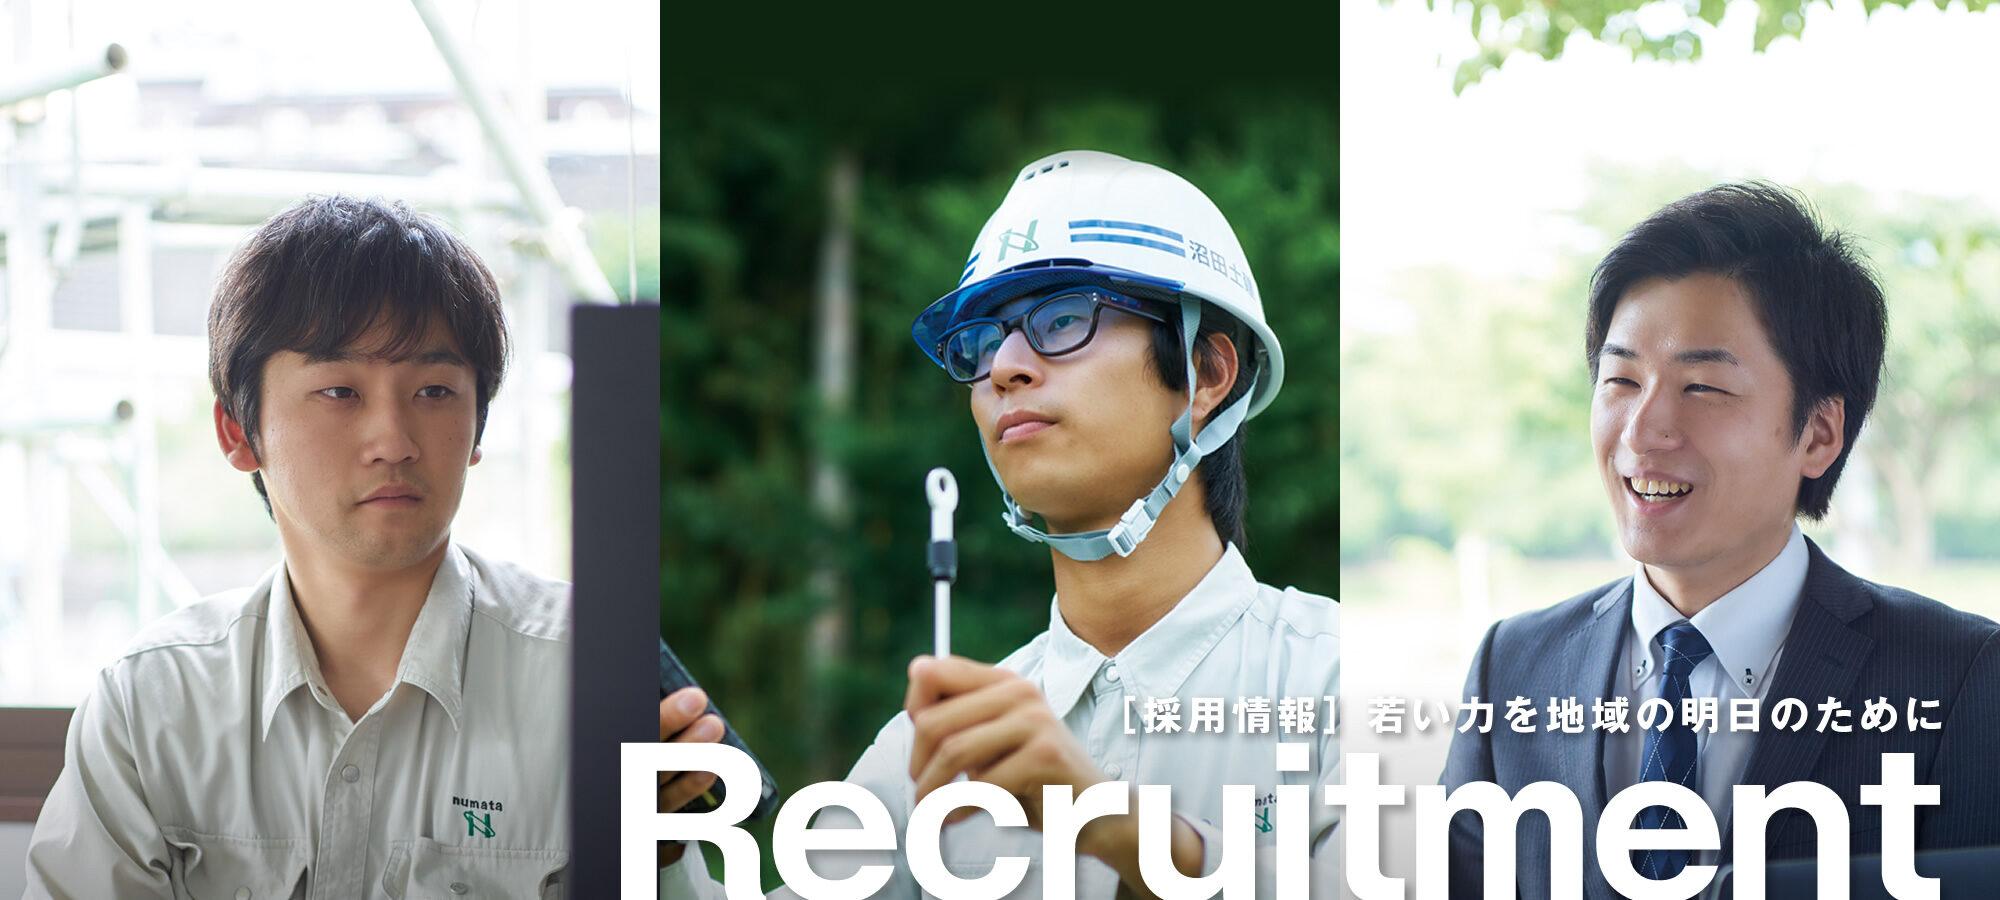 [採用情報] 若い力を地域の明日のために Recruitment